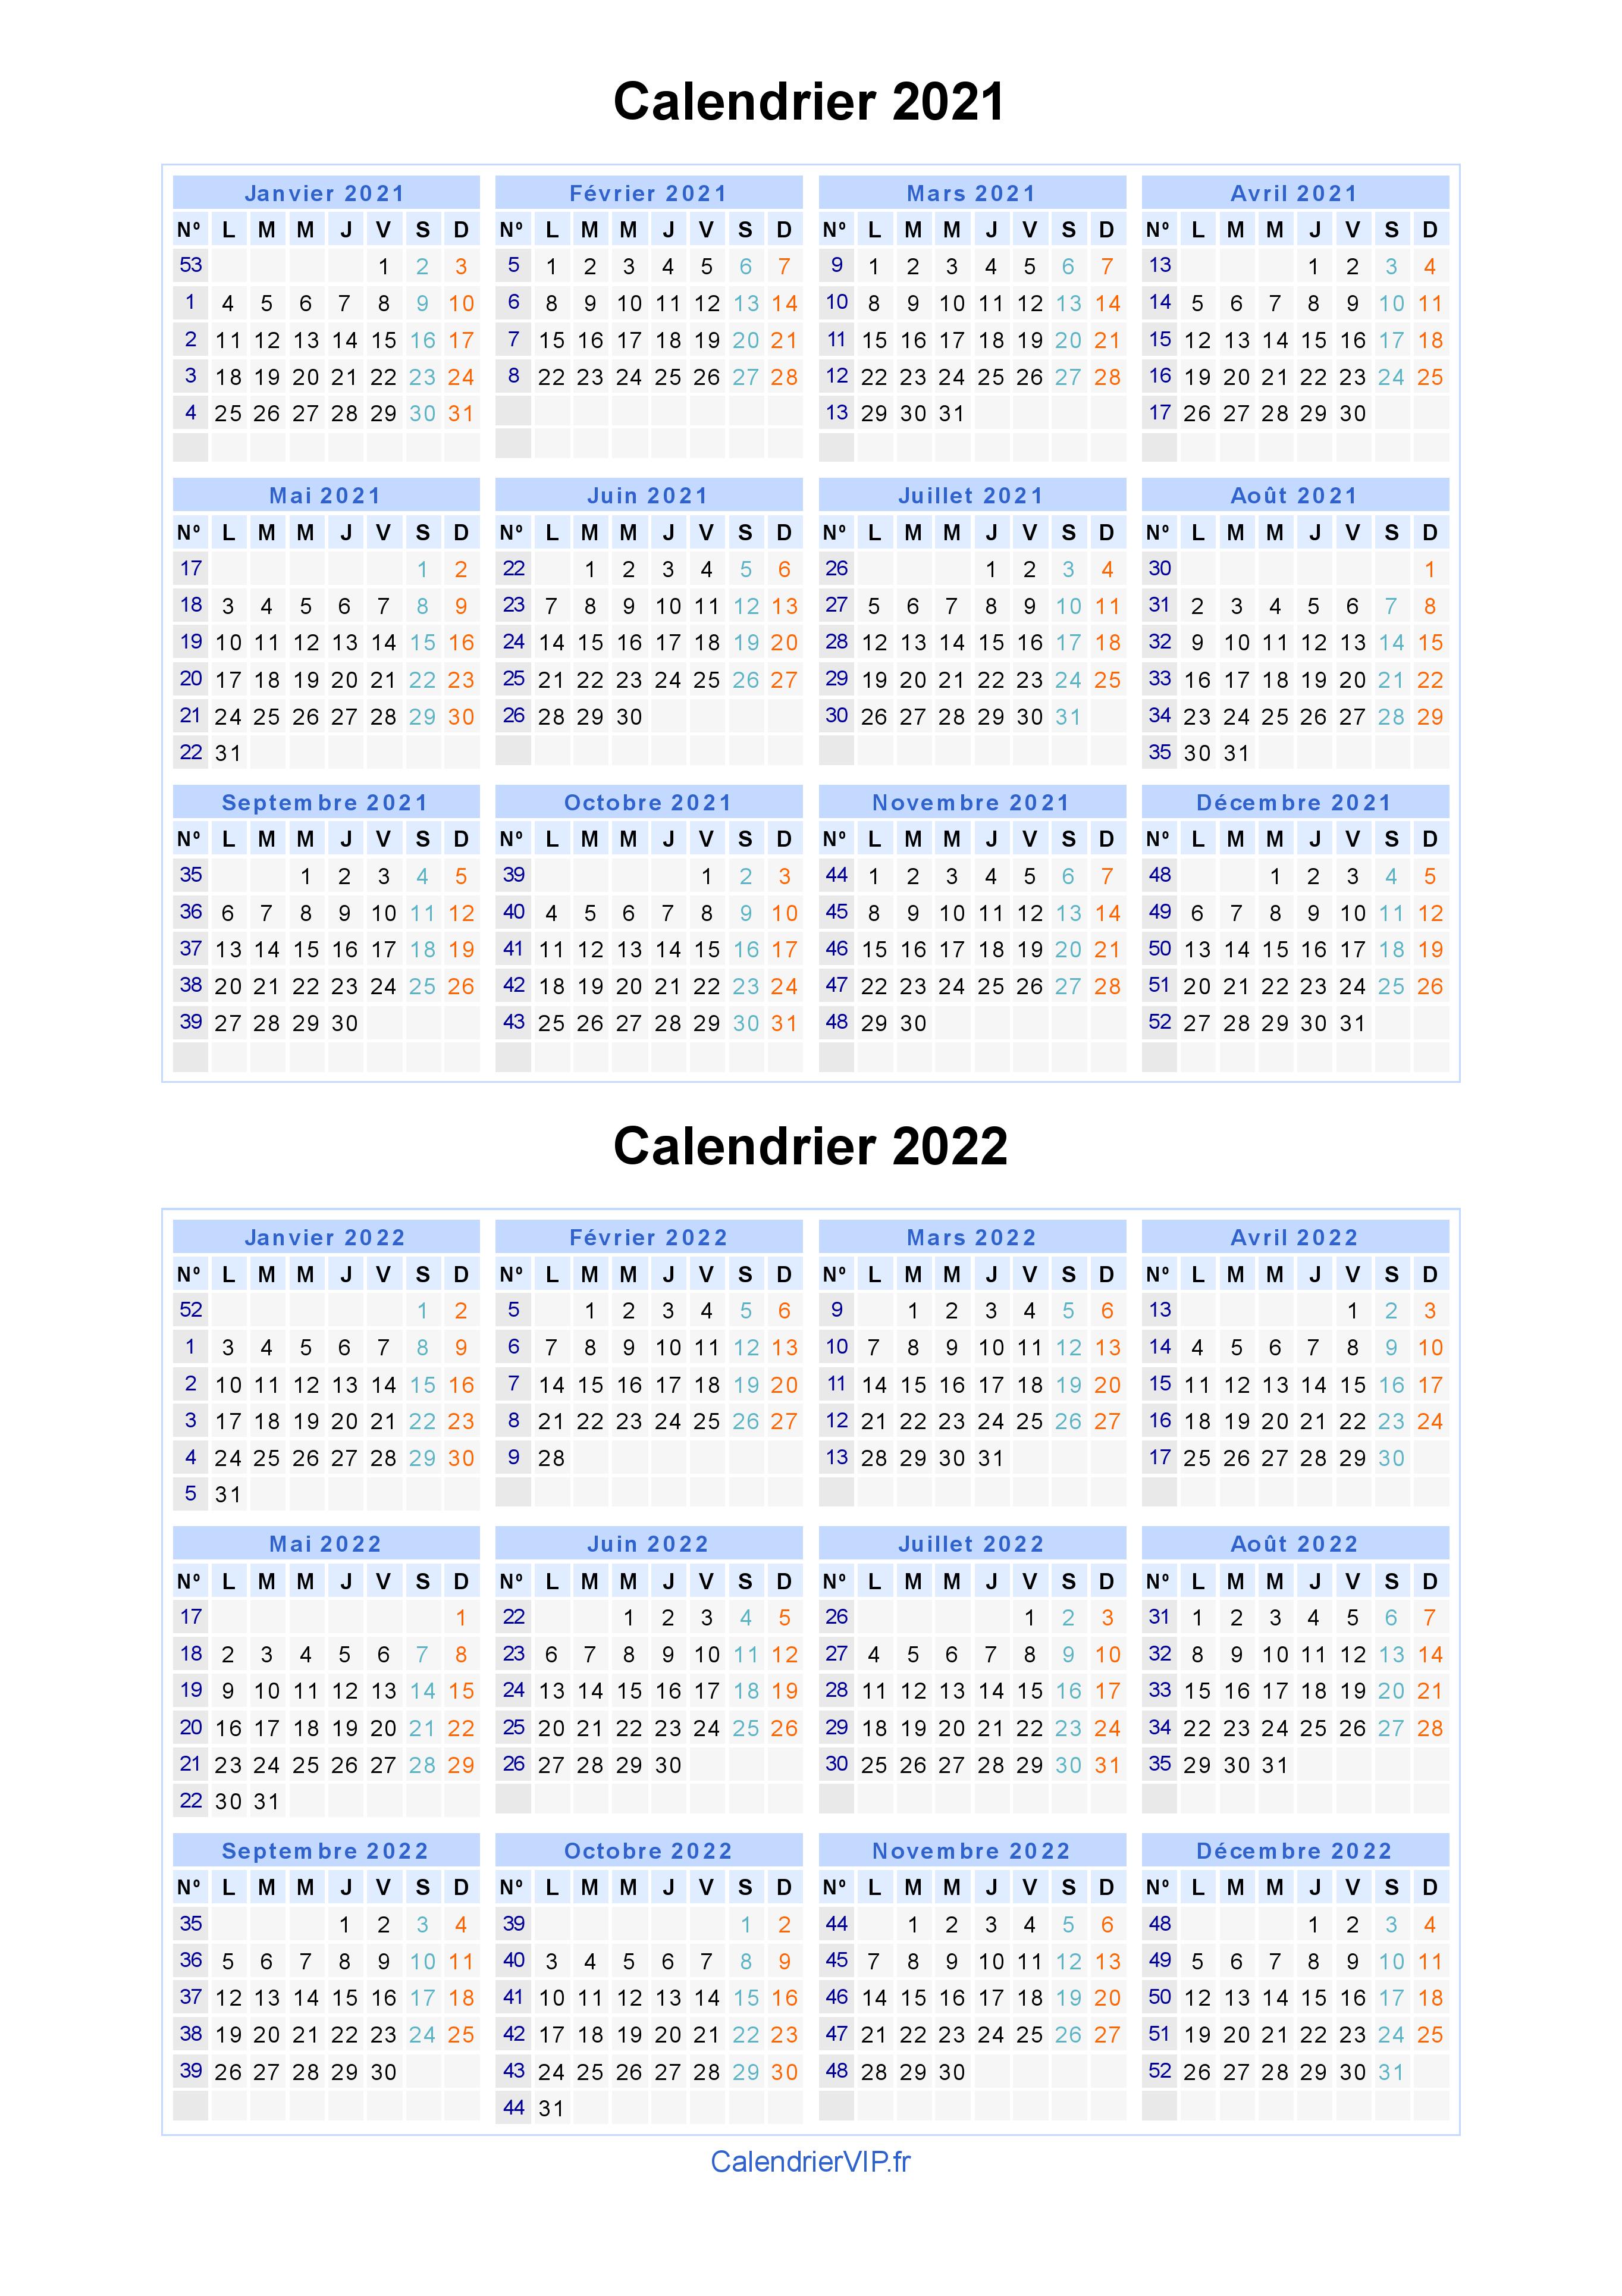 Calendrier 2021 Gratuit.Calendrier 2021 2022 A Imprimer Gratuit En Pdf Et Excel